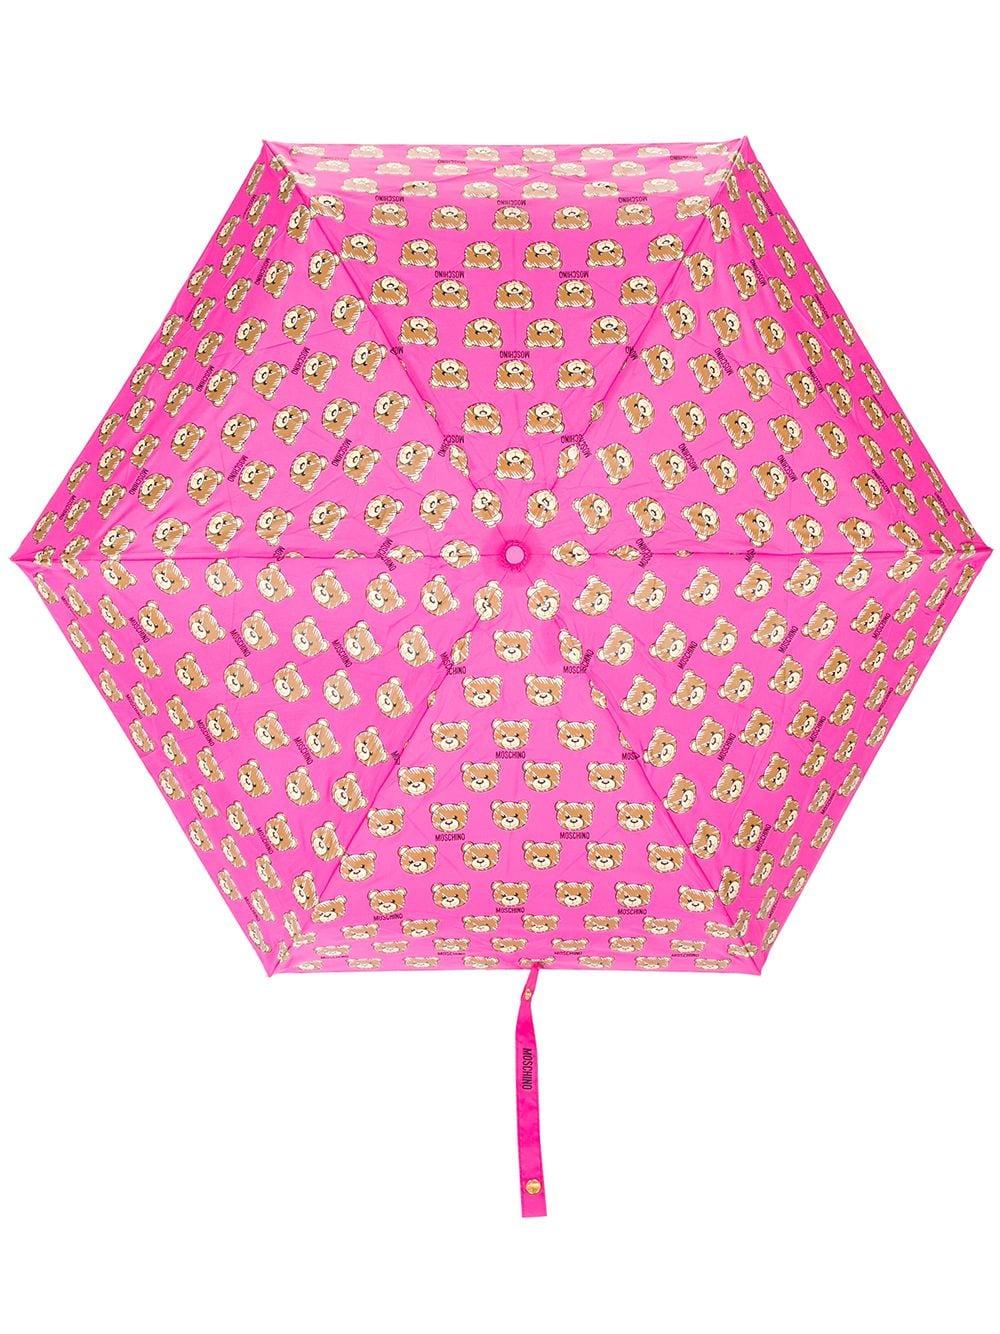 Moschino Regenschirm mit Teddybären-Print - Rosa